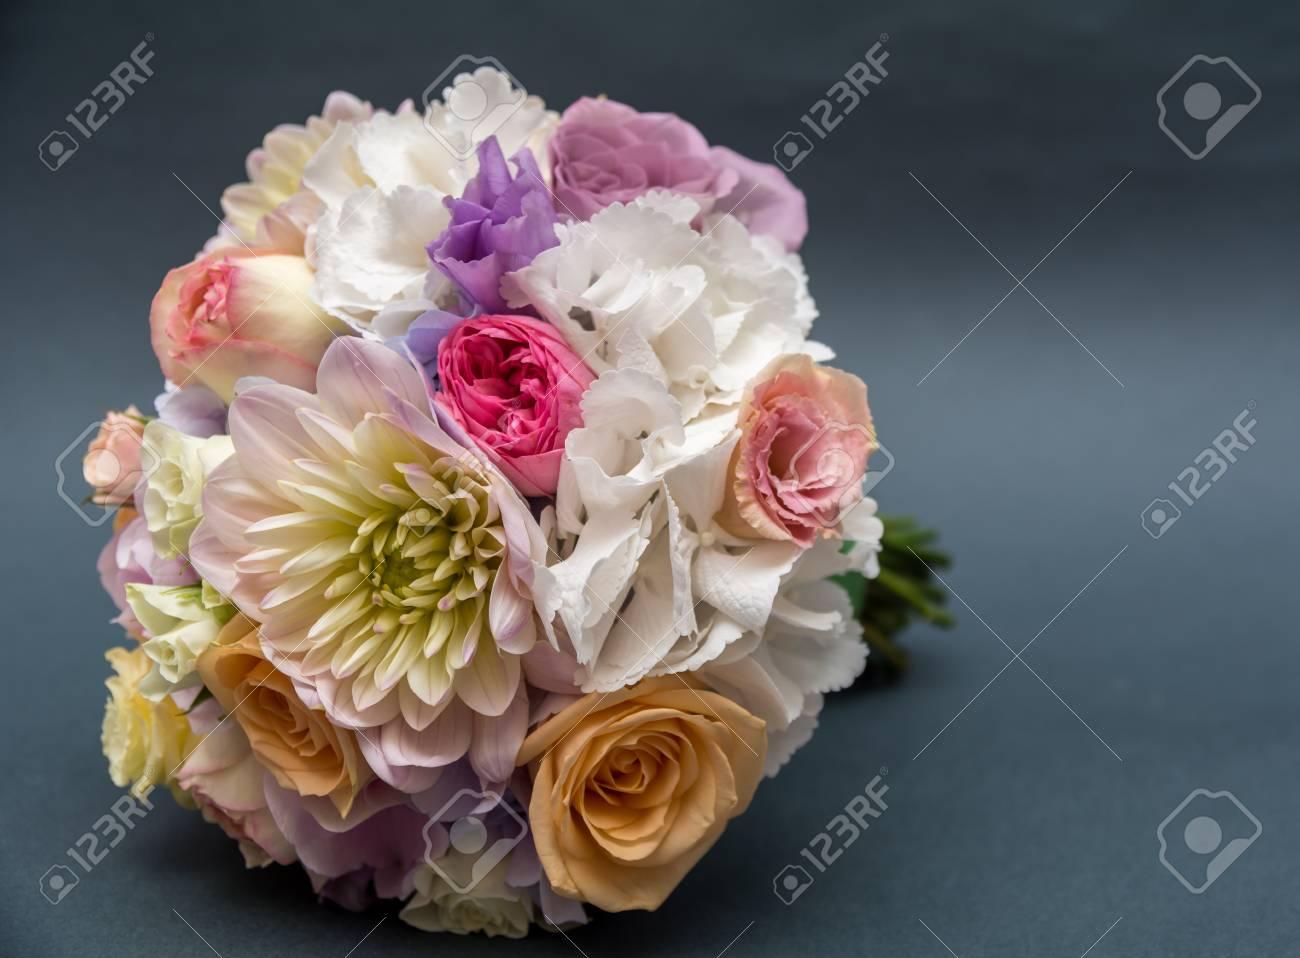 Hochzeitsstrauss Auf Grau Isoliert Lizenzfreie Fotos Bilder Und